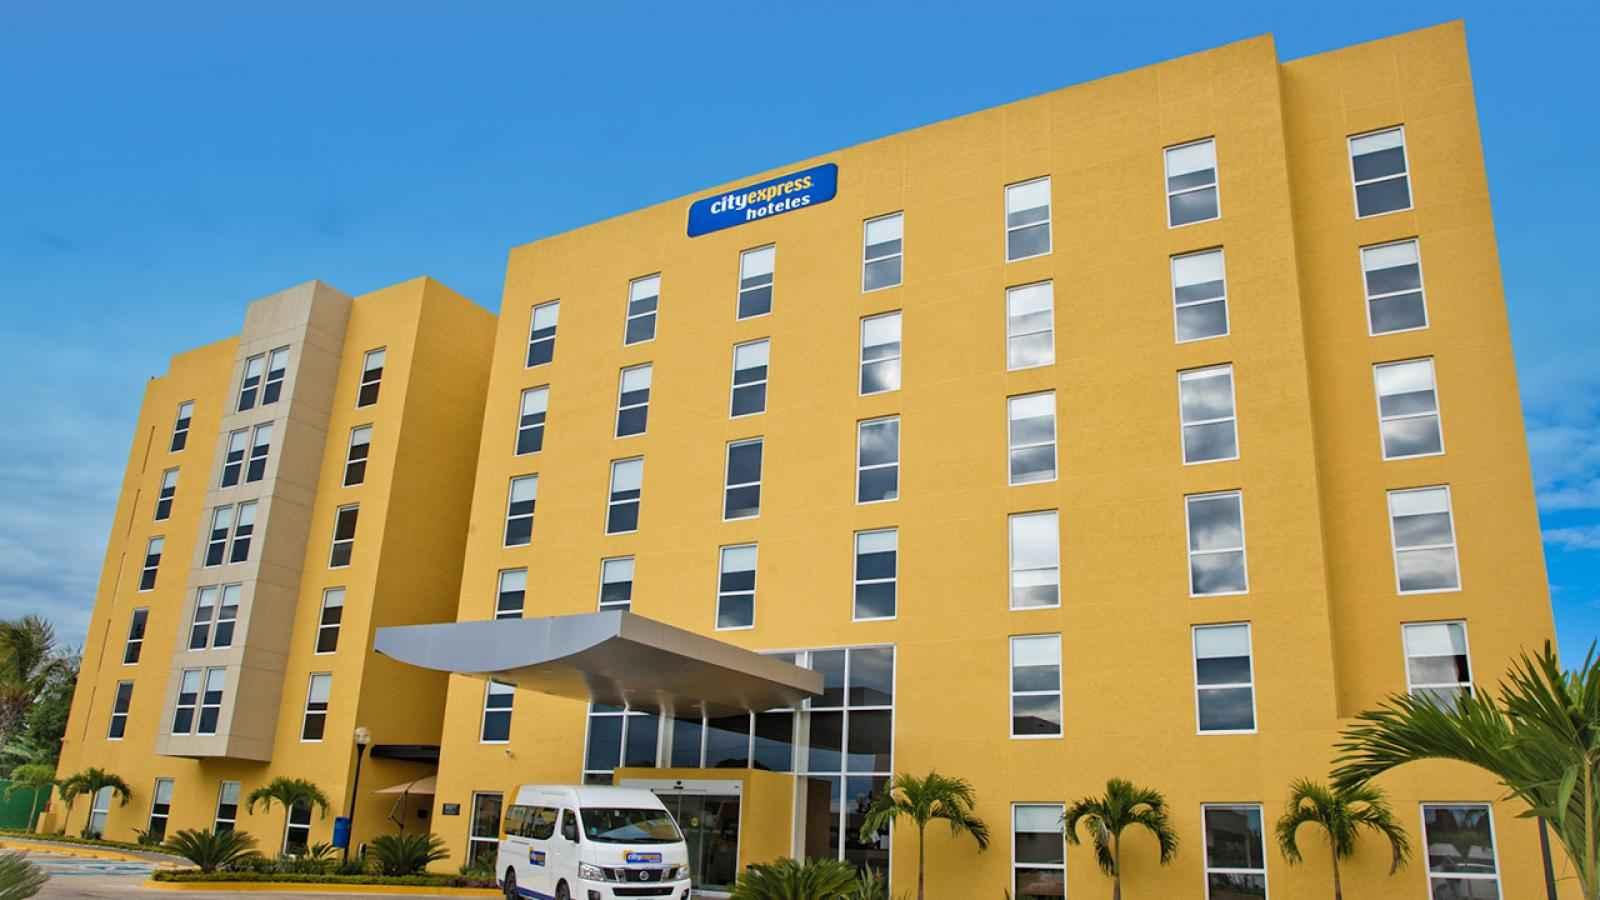 City express abri hoteles en puebla y altamira portal for Arquitectura y diseno de hoteles